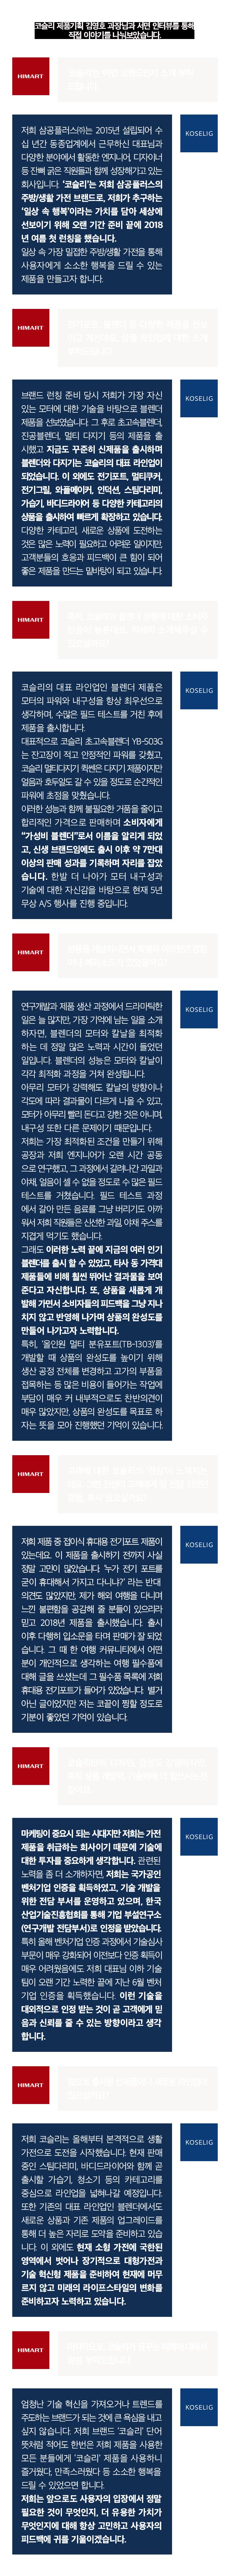 코슬리 제품기획 김영호 과장님과 서면 인터뷰를 통해 직접 이야기를 나눠보았습니다. 코슬리 Q&A